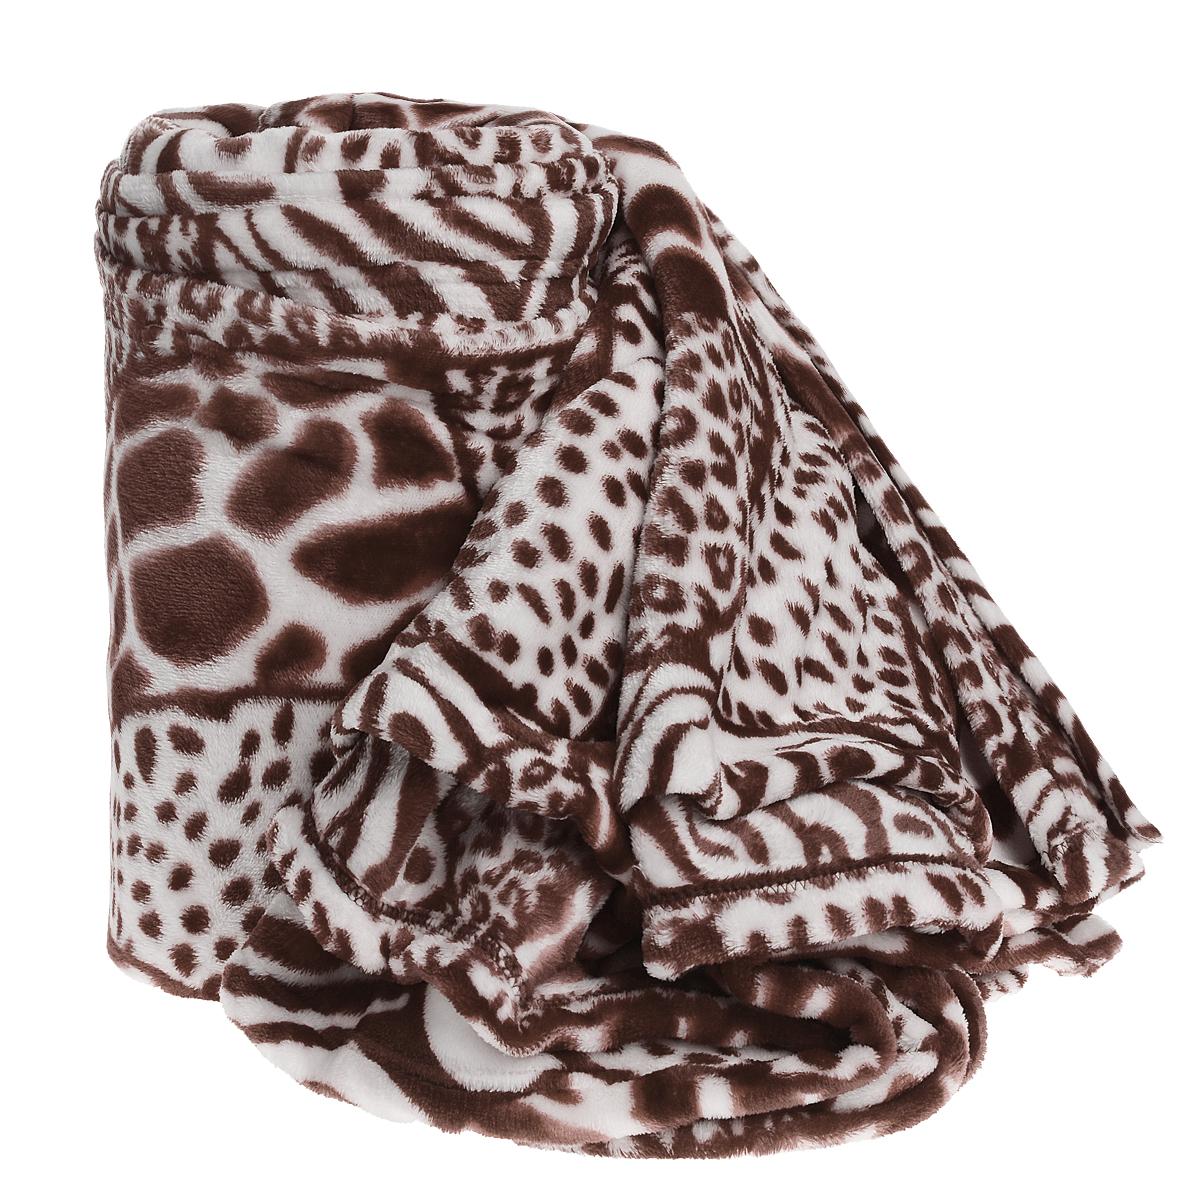 Плед Cleanst, цвет: белый, коричневый, 200 х 230 смBwgz-BrownПлед Cleanst, выполненный из полиэстера, послужит теплым, мягким и практичным подарком близким людям. Такой плед легок и не займет много места, что немаловажно в дороге. Благодаря использованию высокотехнологичных материалов этот плед обладает высокой степенью мягкости (бархатный на ощупь) и износоустойчивостью.